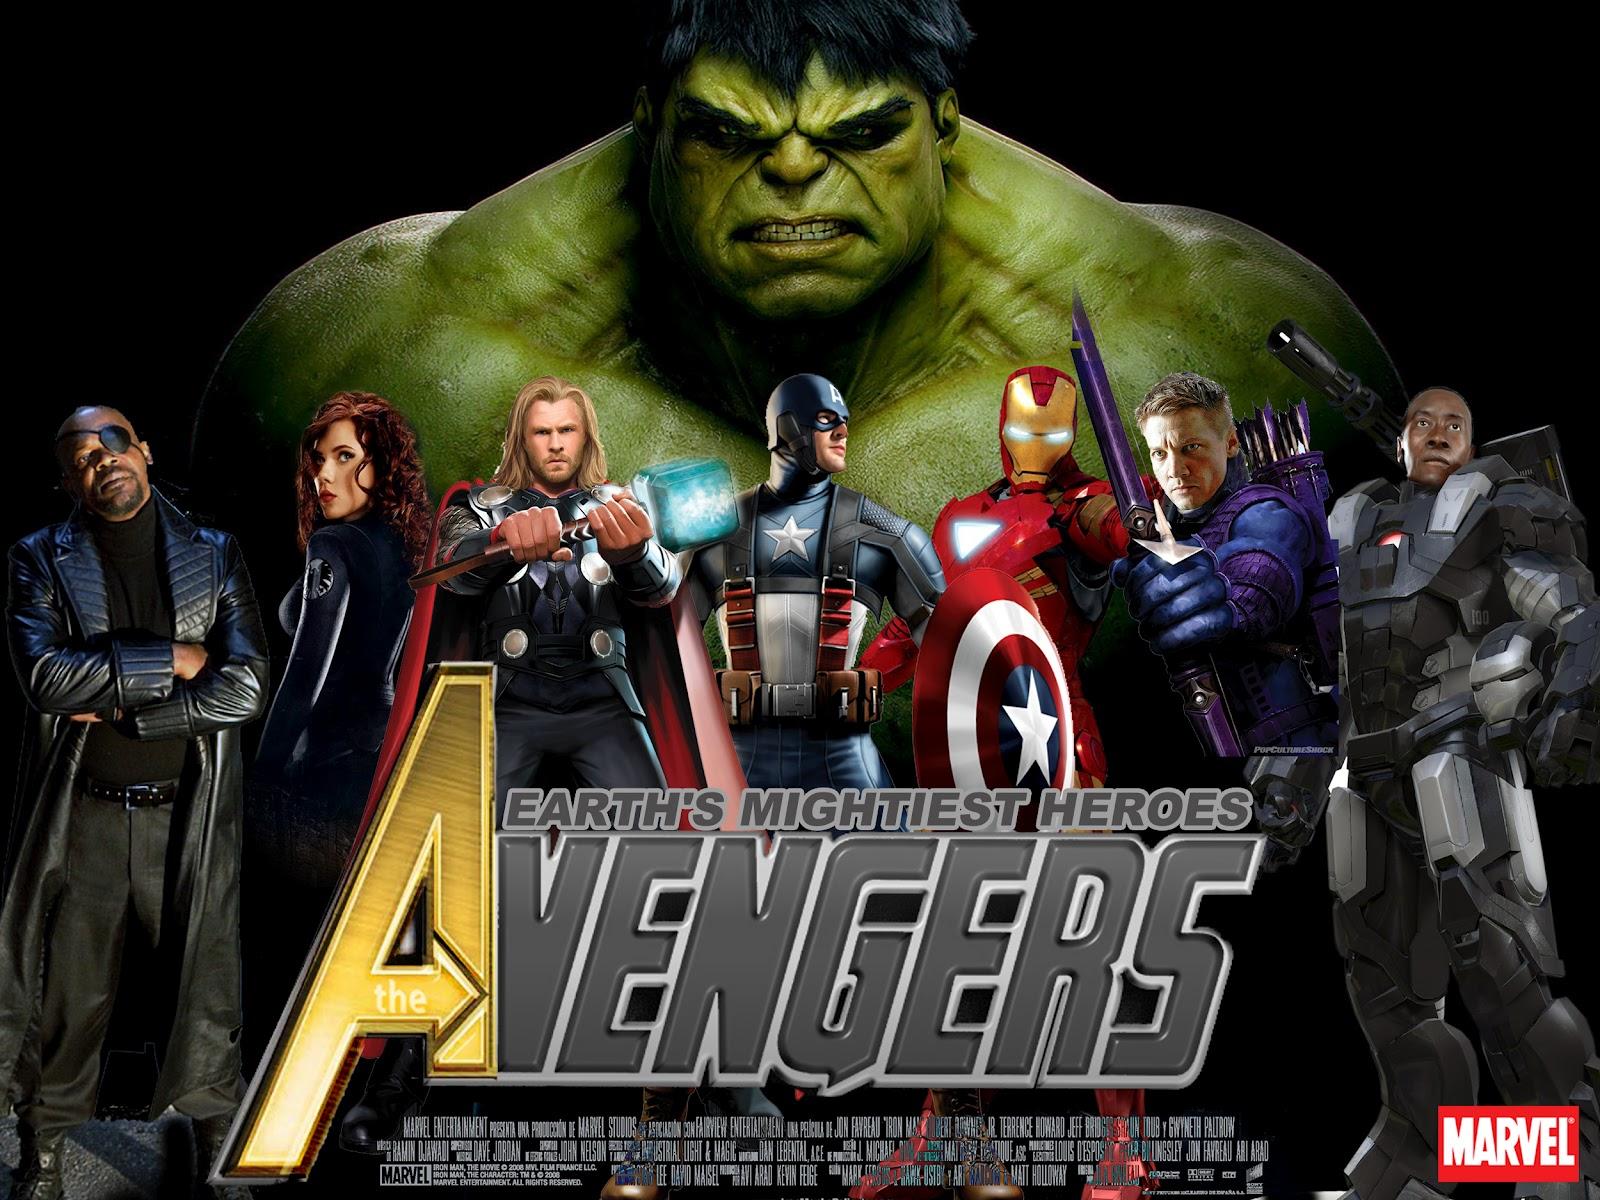 http://4.bp.blogspot.com/-2DaZmDuU_zk/T5wiWIIyDwI/AAAAAAAABFI/Qt3GFv7rwpA/s1600/The_Avengers_Movie_by_Alex4everdn.jpg